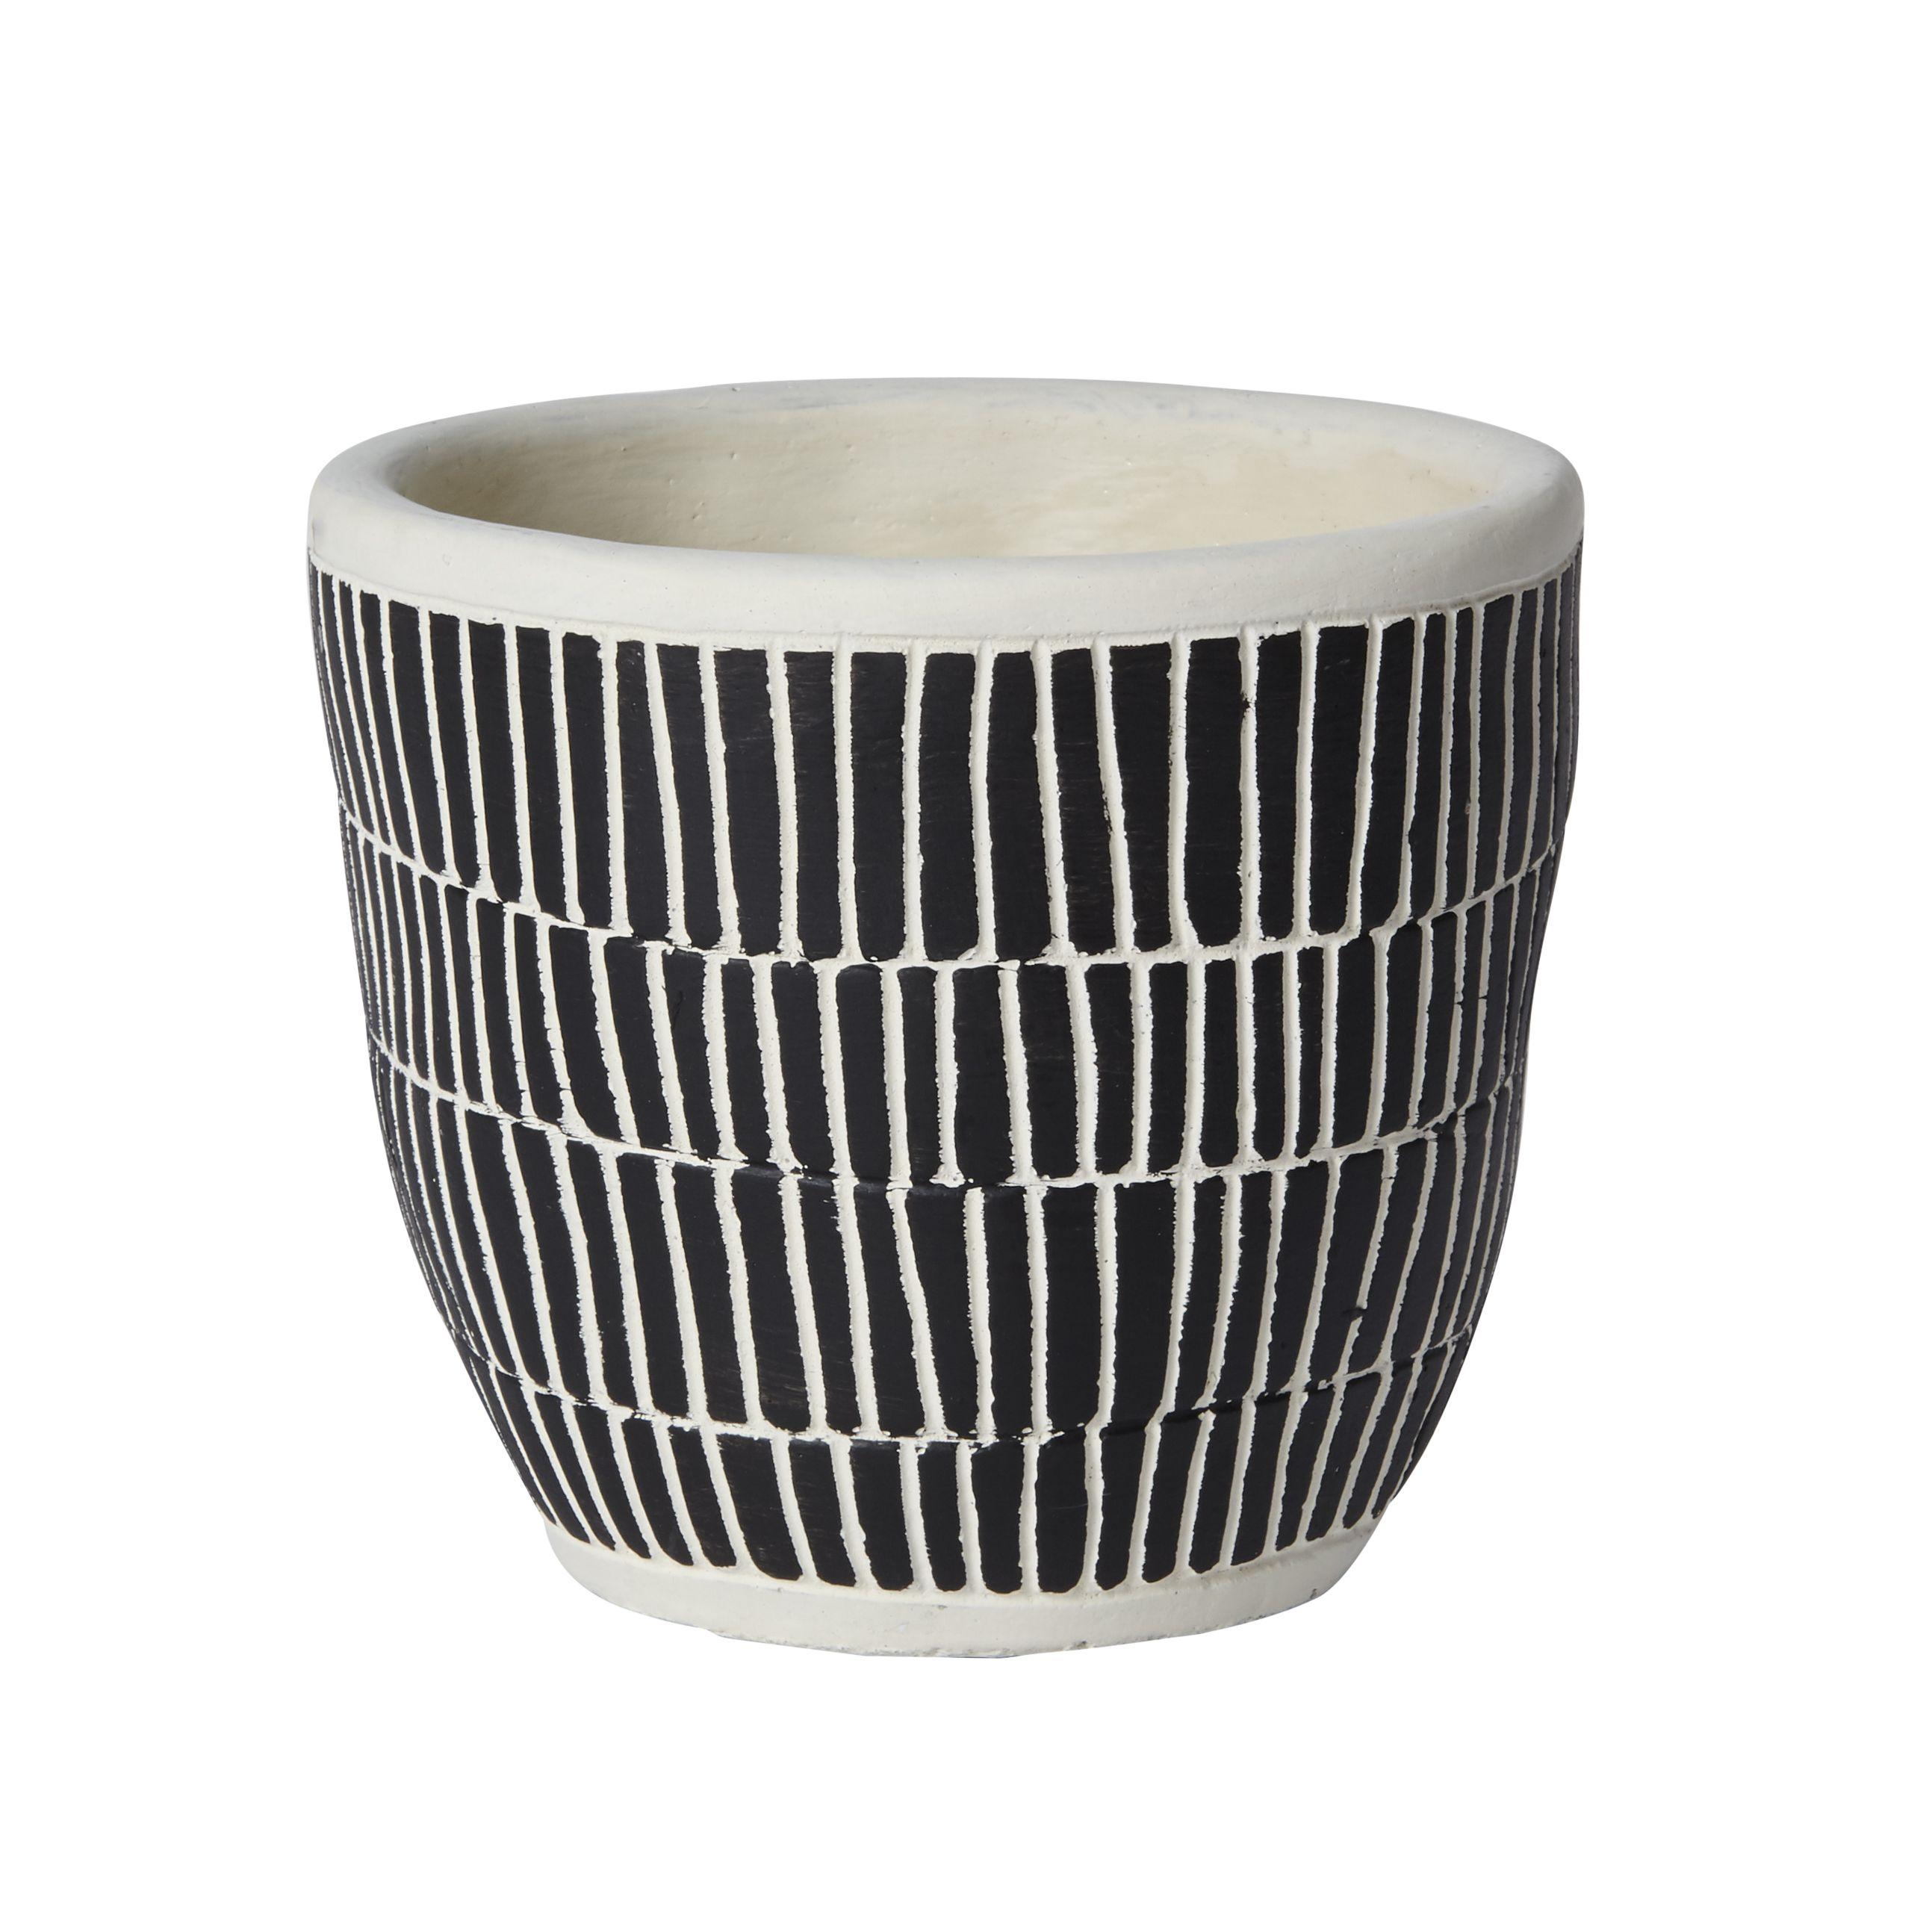 Craquez Pour Ce Joli Cache Pot Mosaique En Ciment Bicolore Noir Et